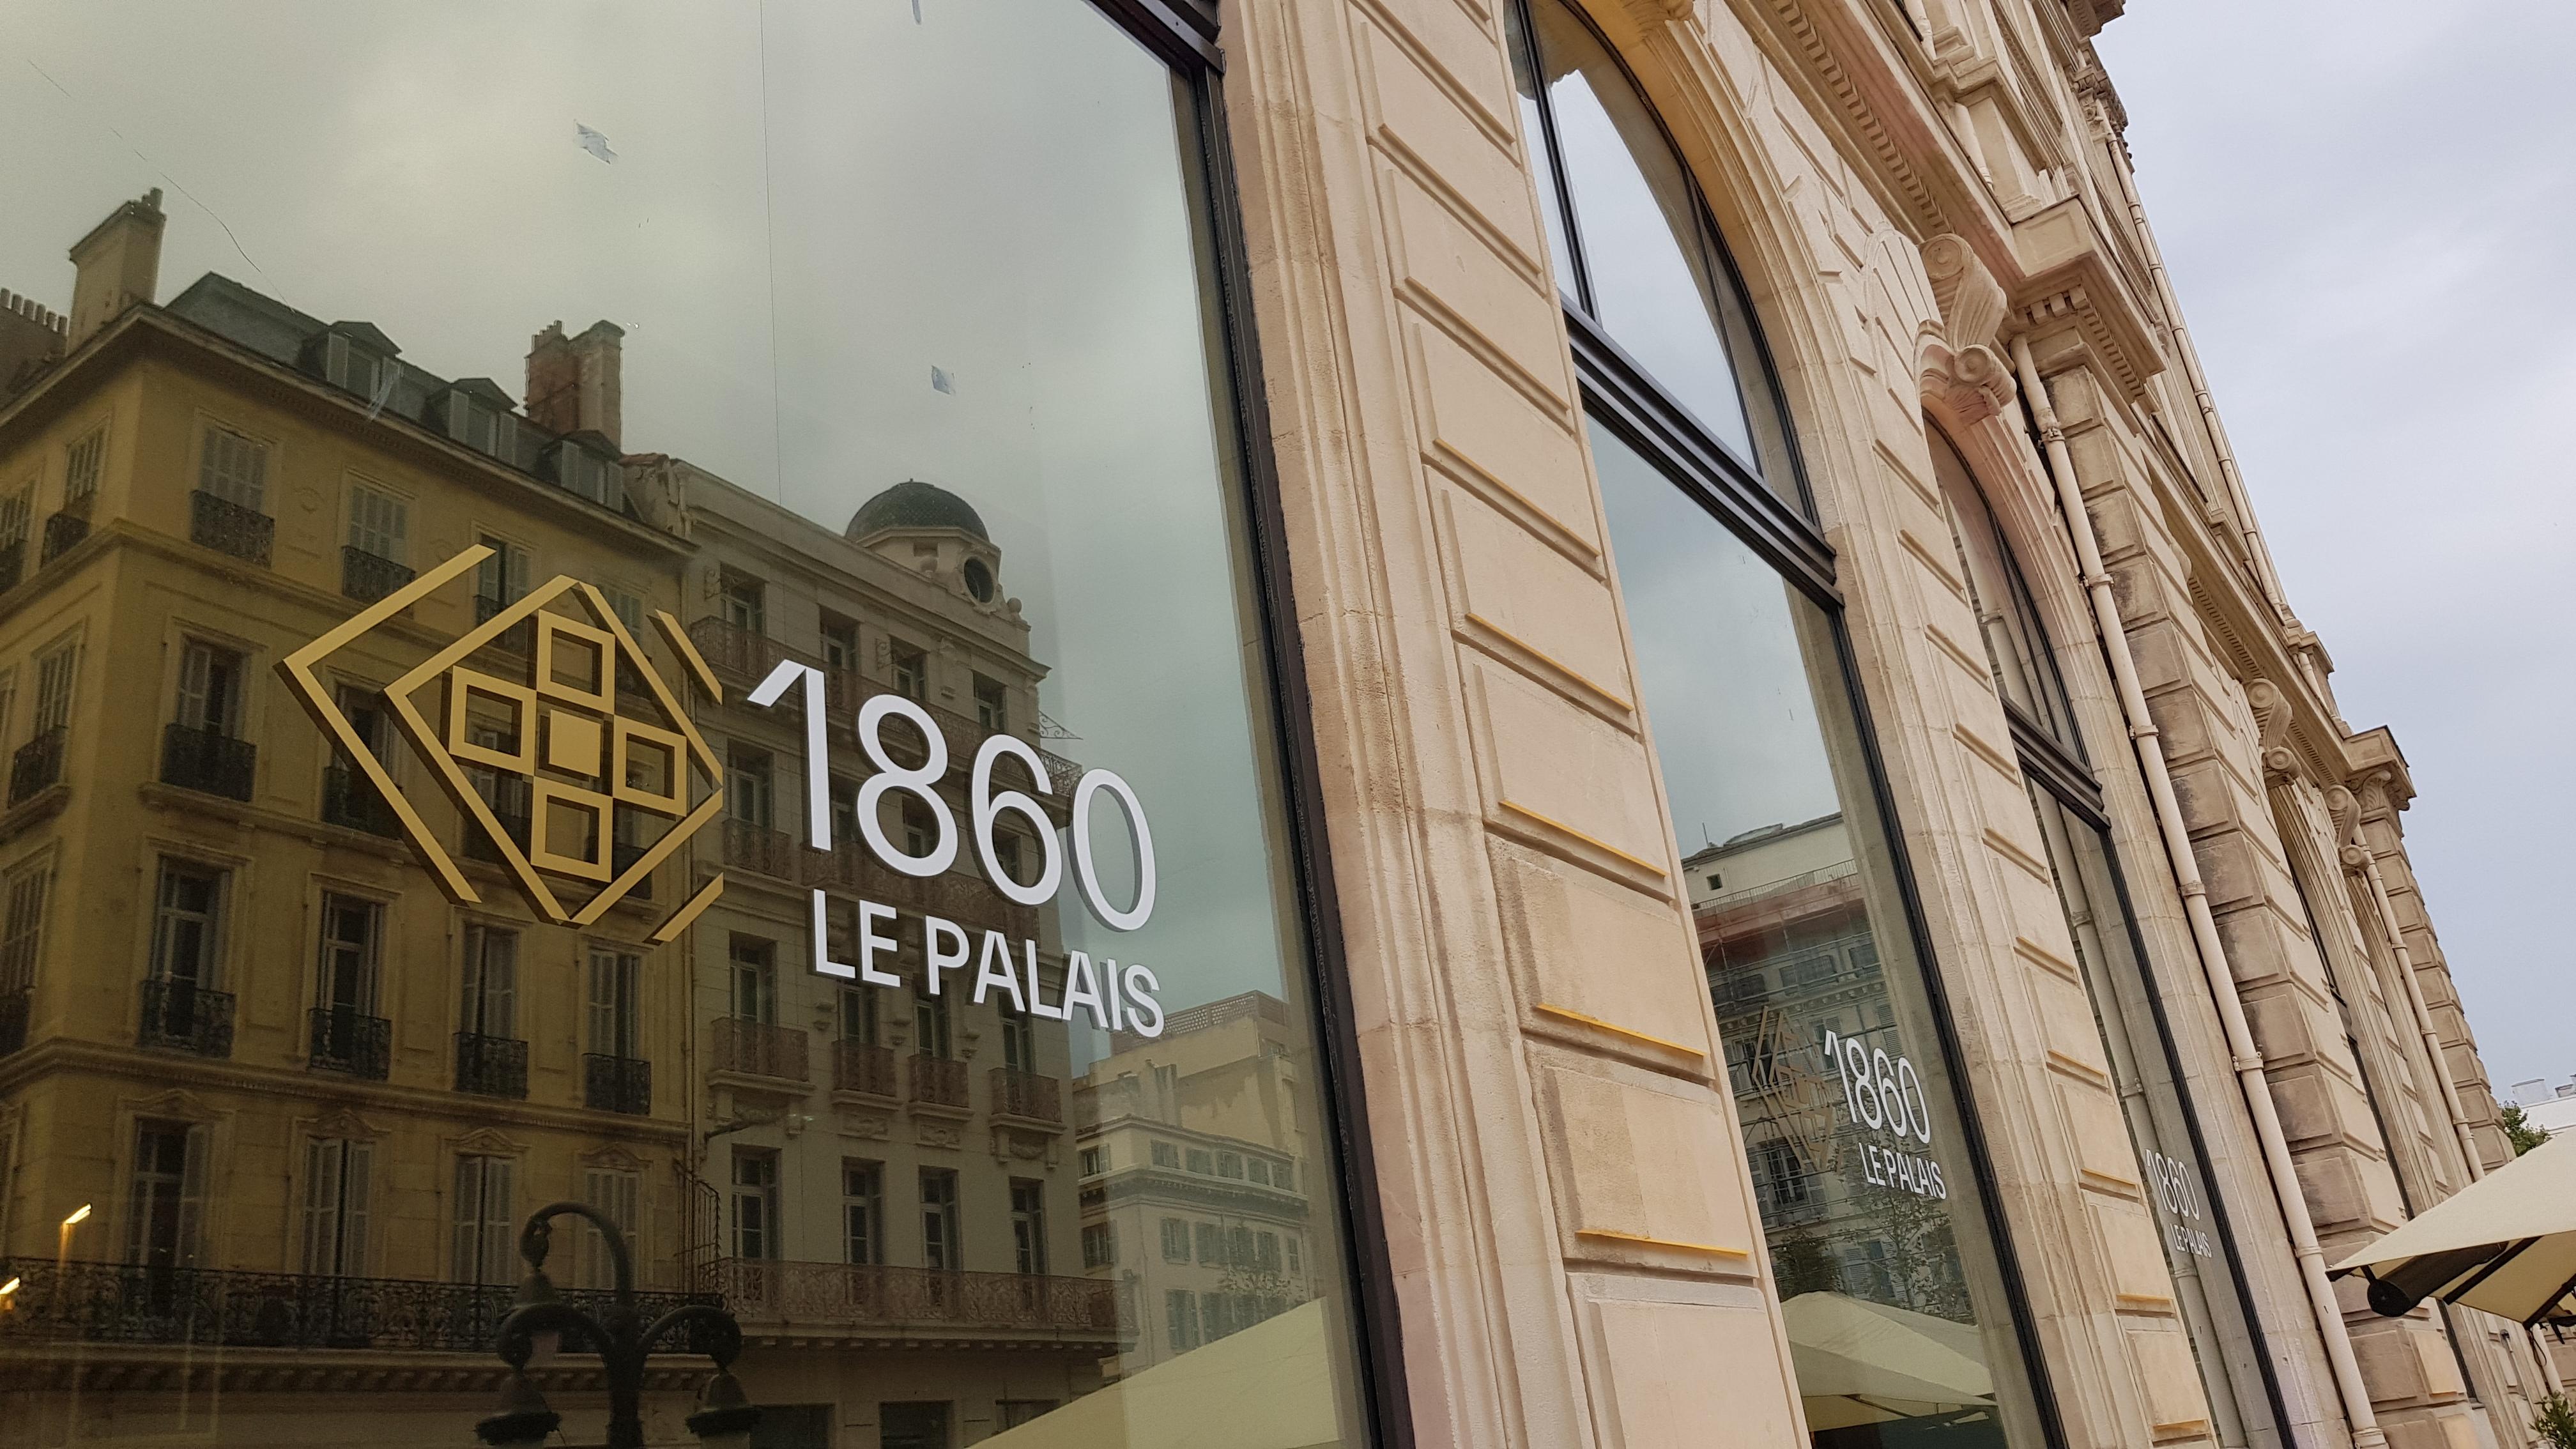 La CCI propose une nouvelle brasserie en centre-ville (photo : F.Dubessy)